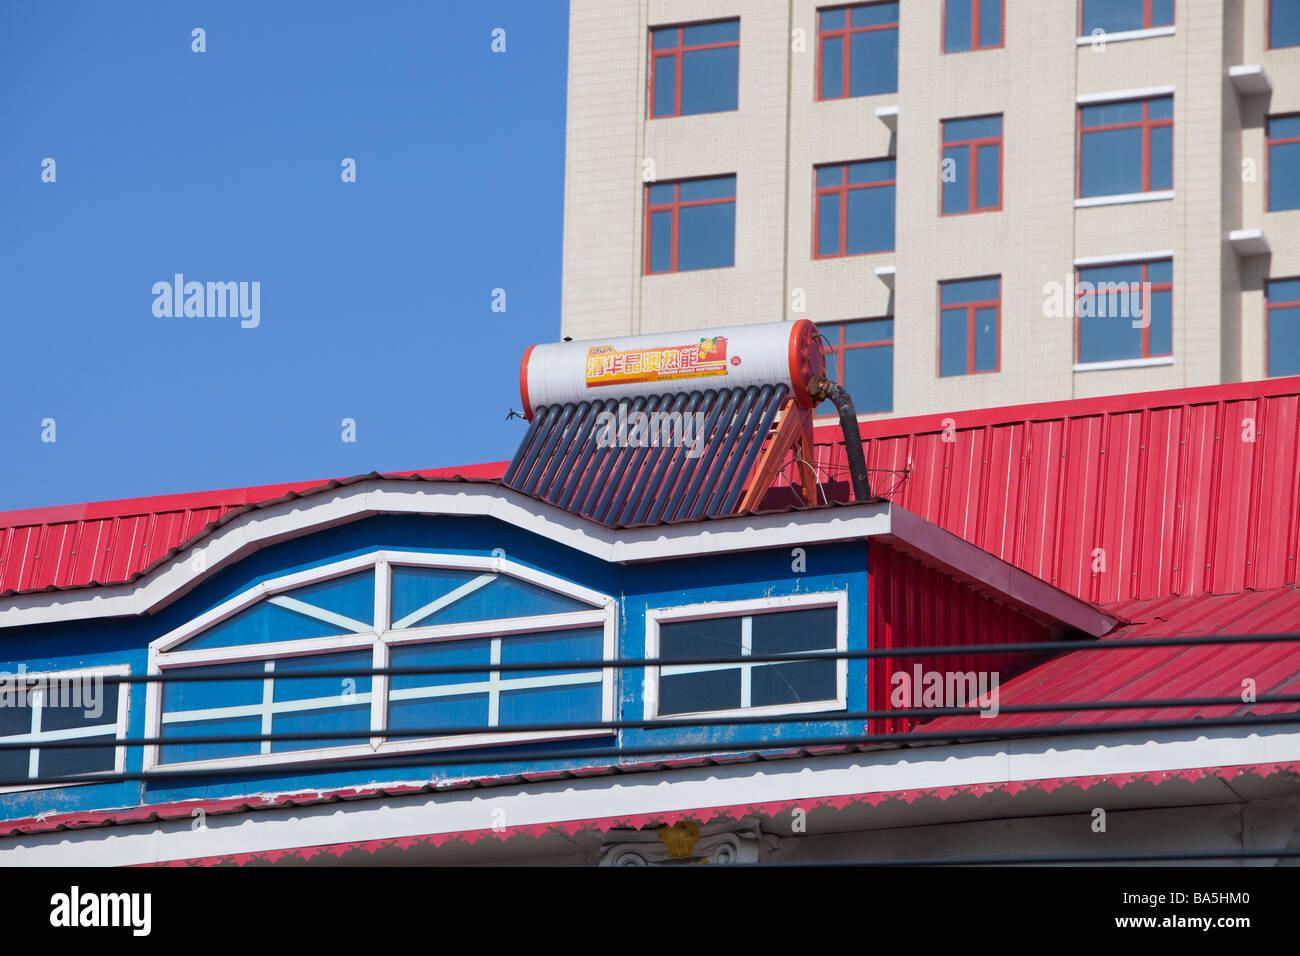 Caloriferi di acqua solari sul tetto di un condominio in Suihua nel nord della Cina Immagini Stock